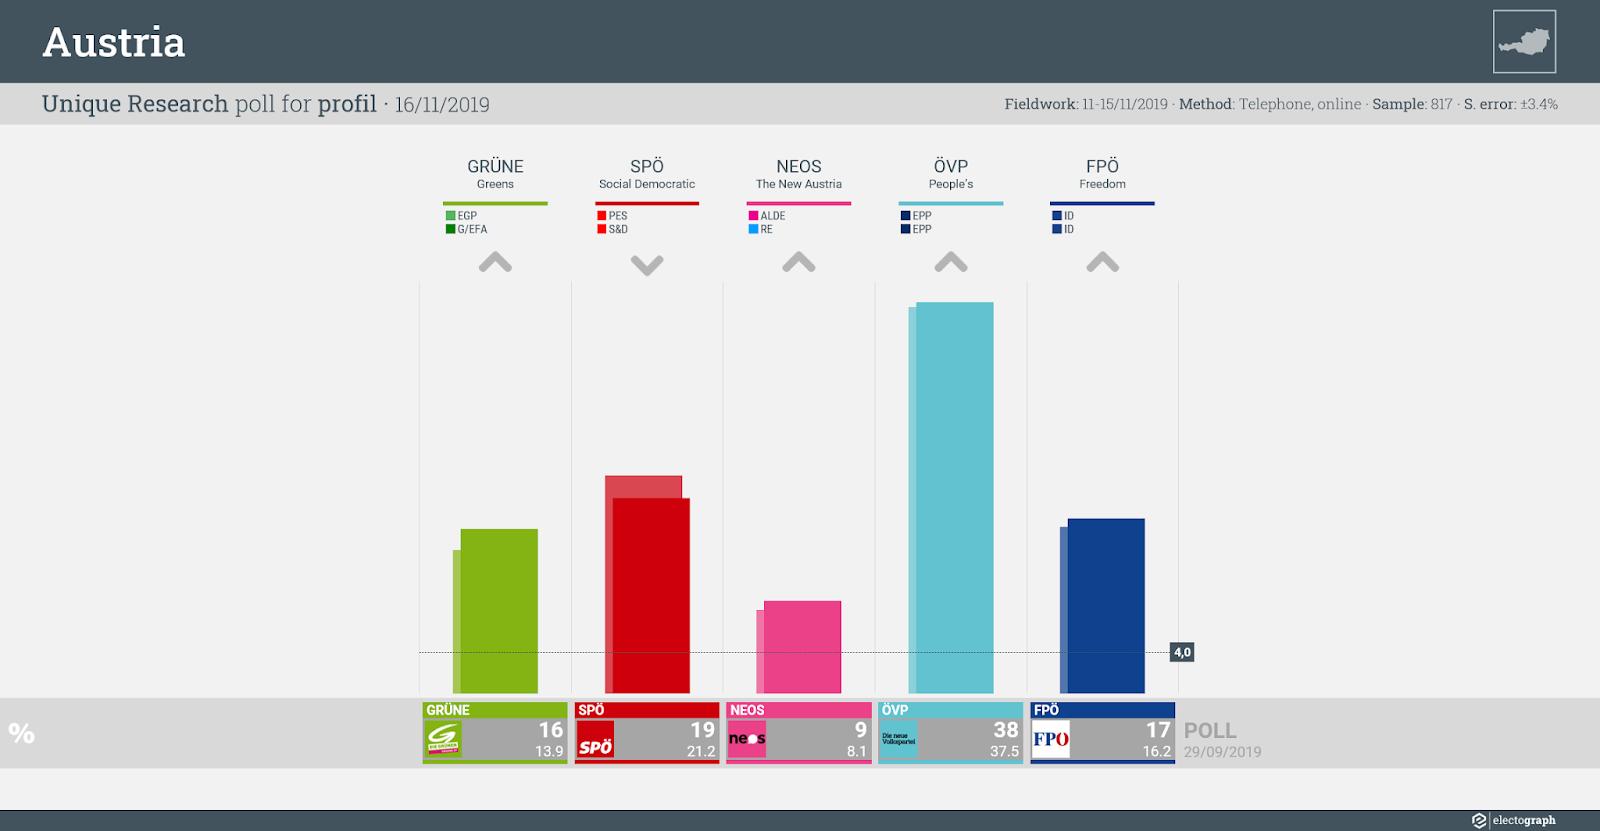 AUSTRIA: Unique Research poll chart for profil, 16 November 2019